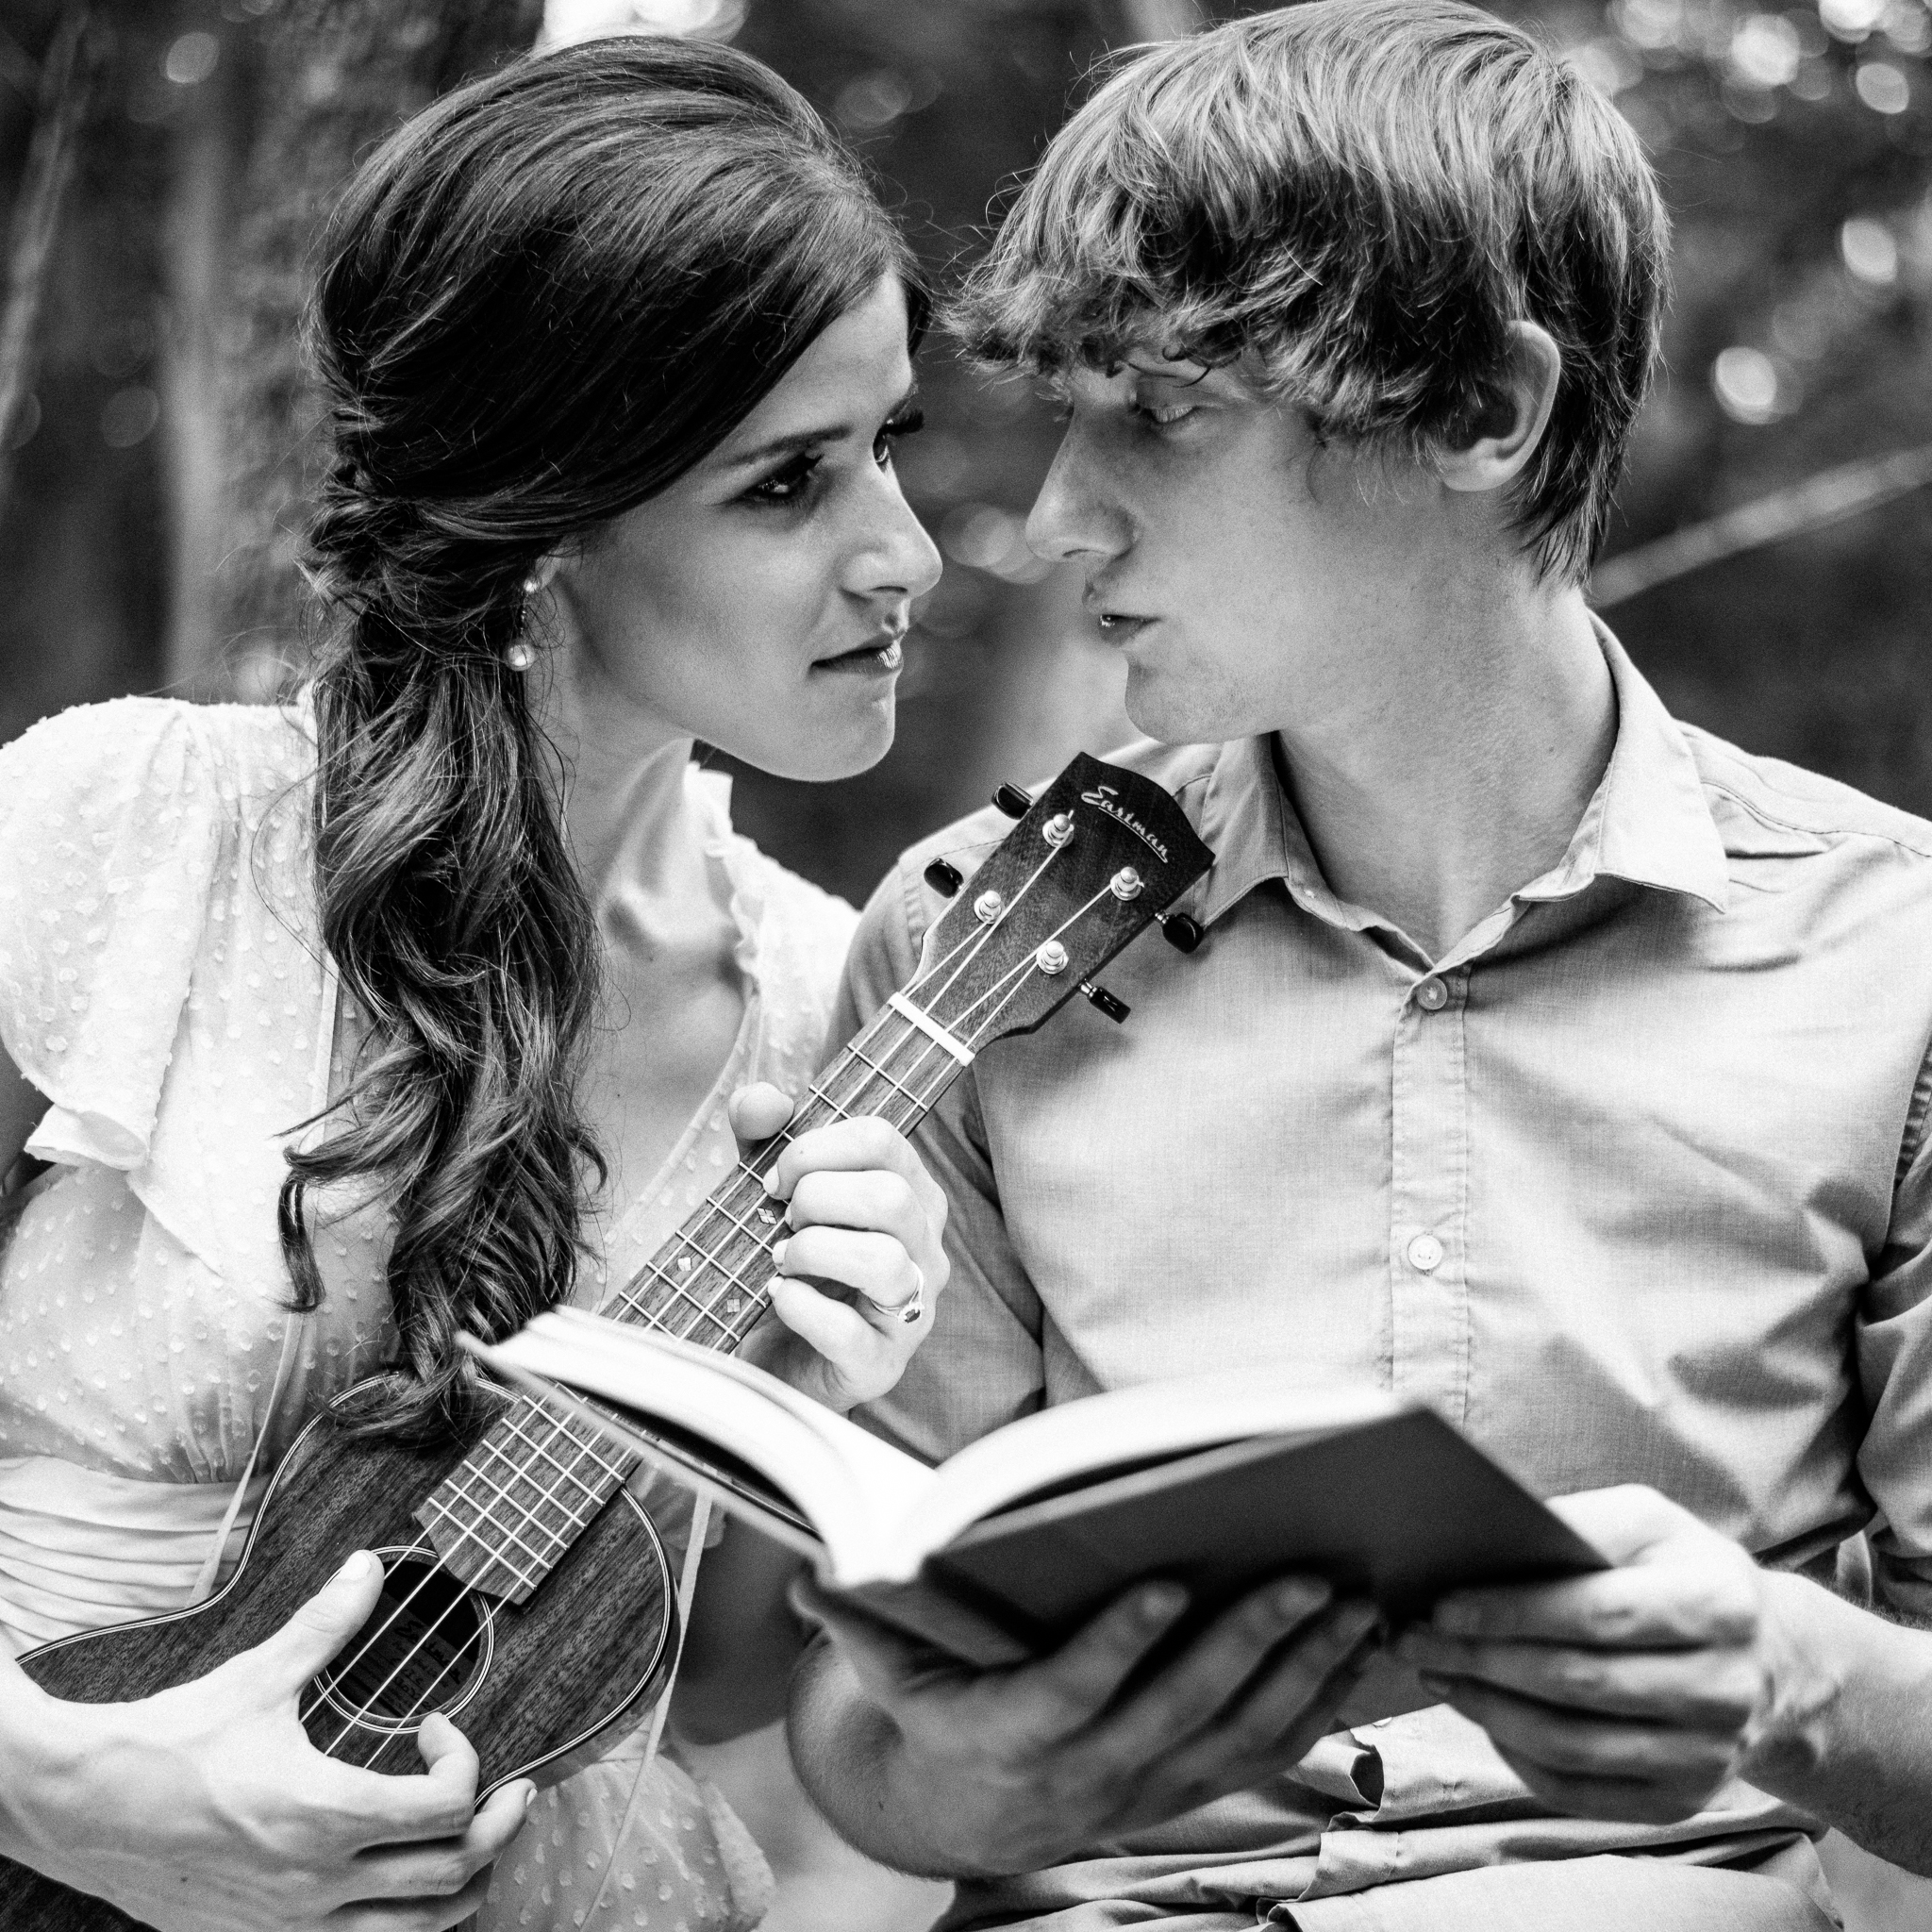 ukulele engagement photography washington dc wedding planner sincerely pete